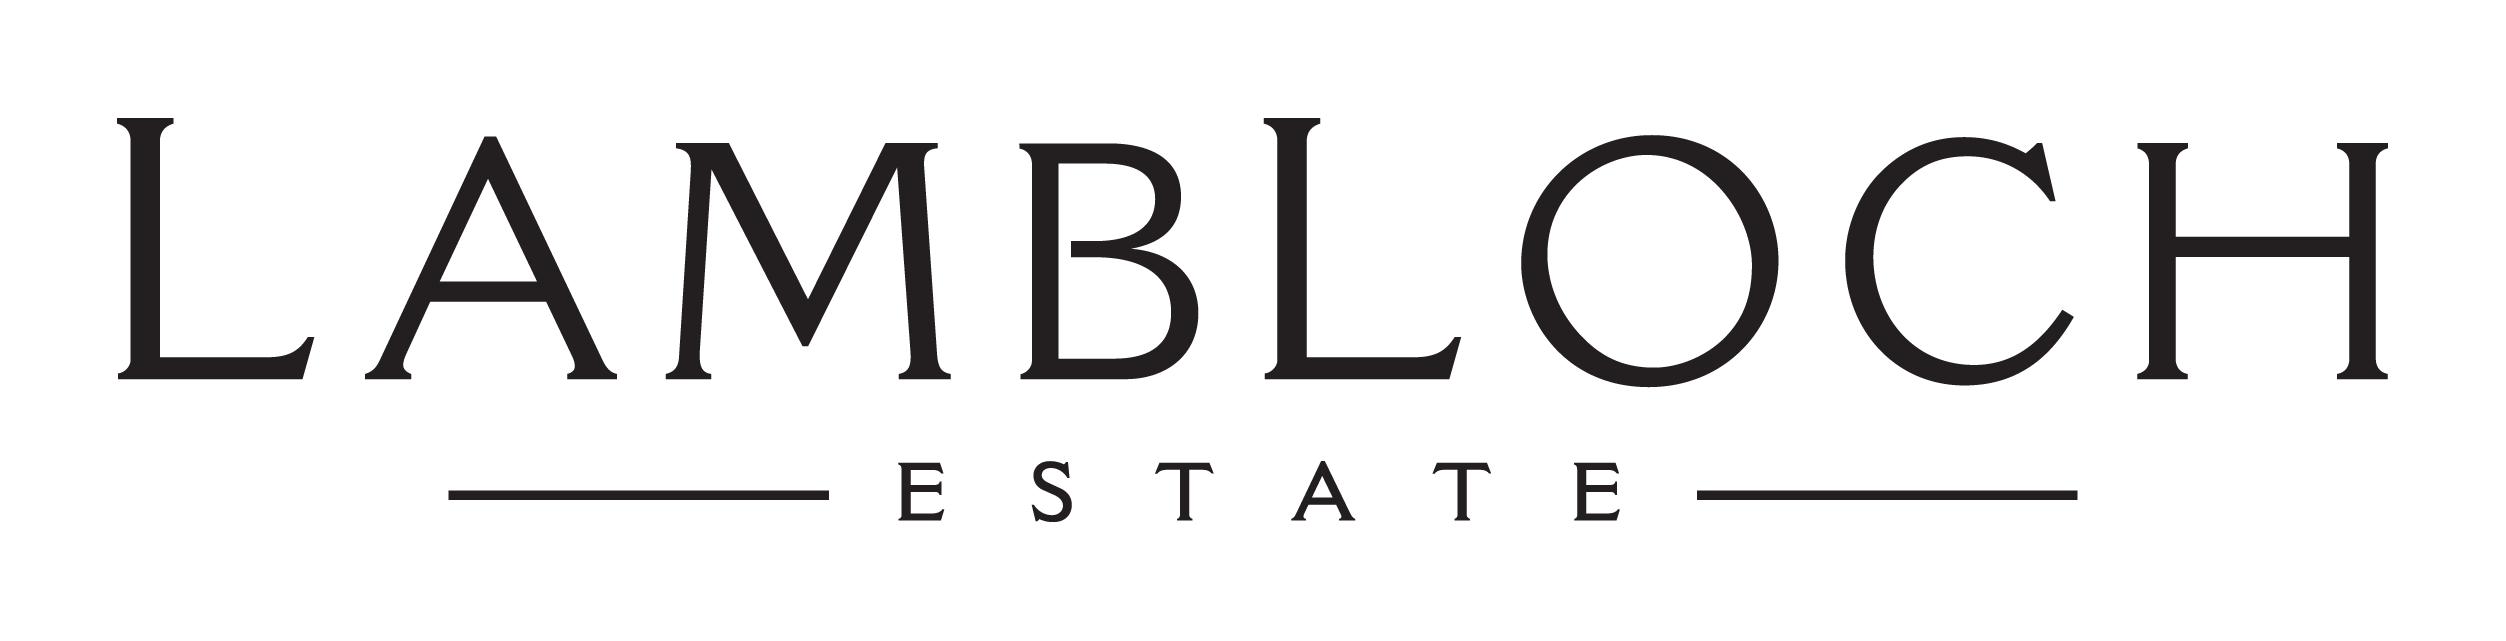 Lambloch Estate